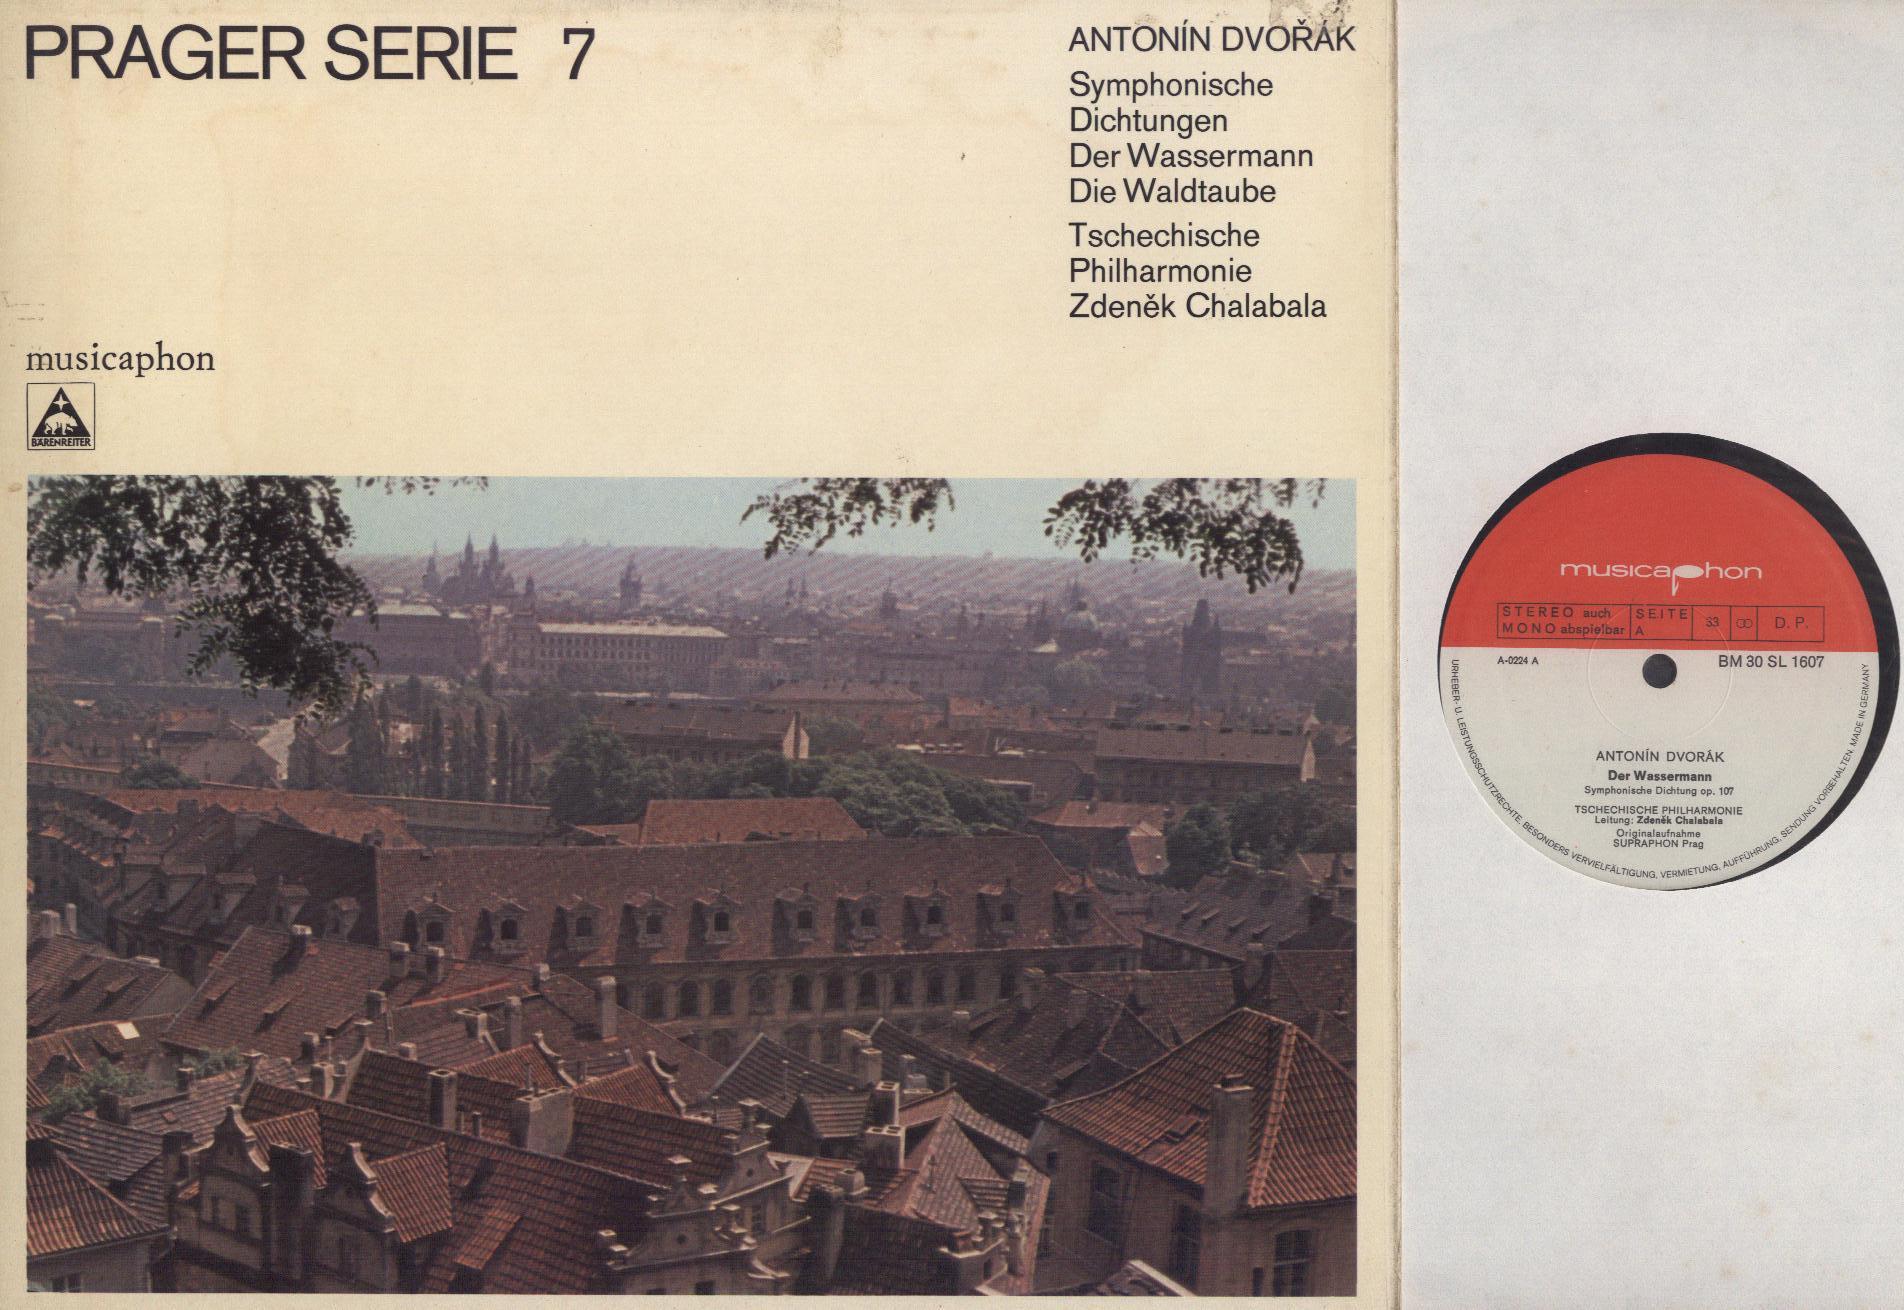 Antonín Dvořák - Zdeněk Chalabala, The Czech Philh - Symphonische Dichtungen: Der Wassermann / Die Waldtaube - 33T Gatefold